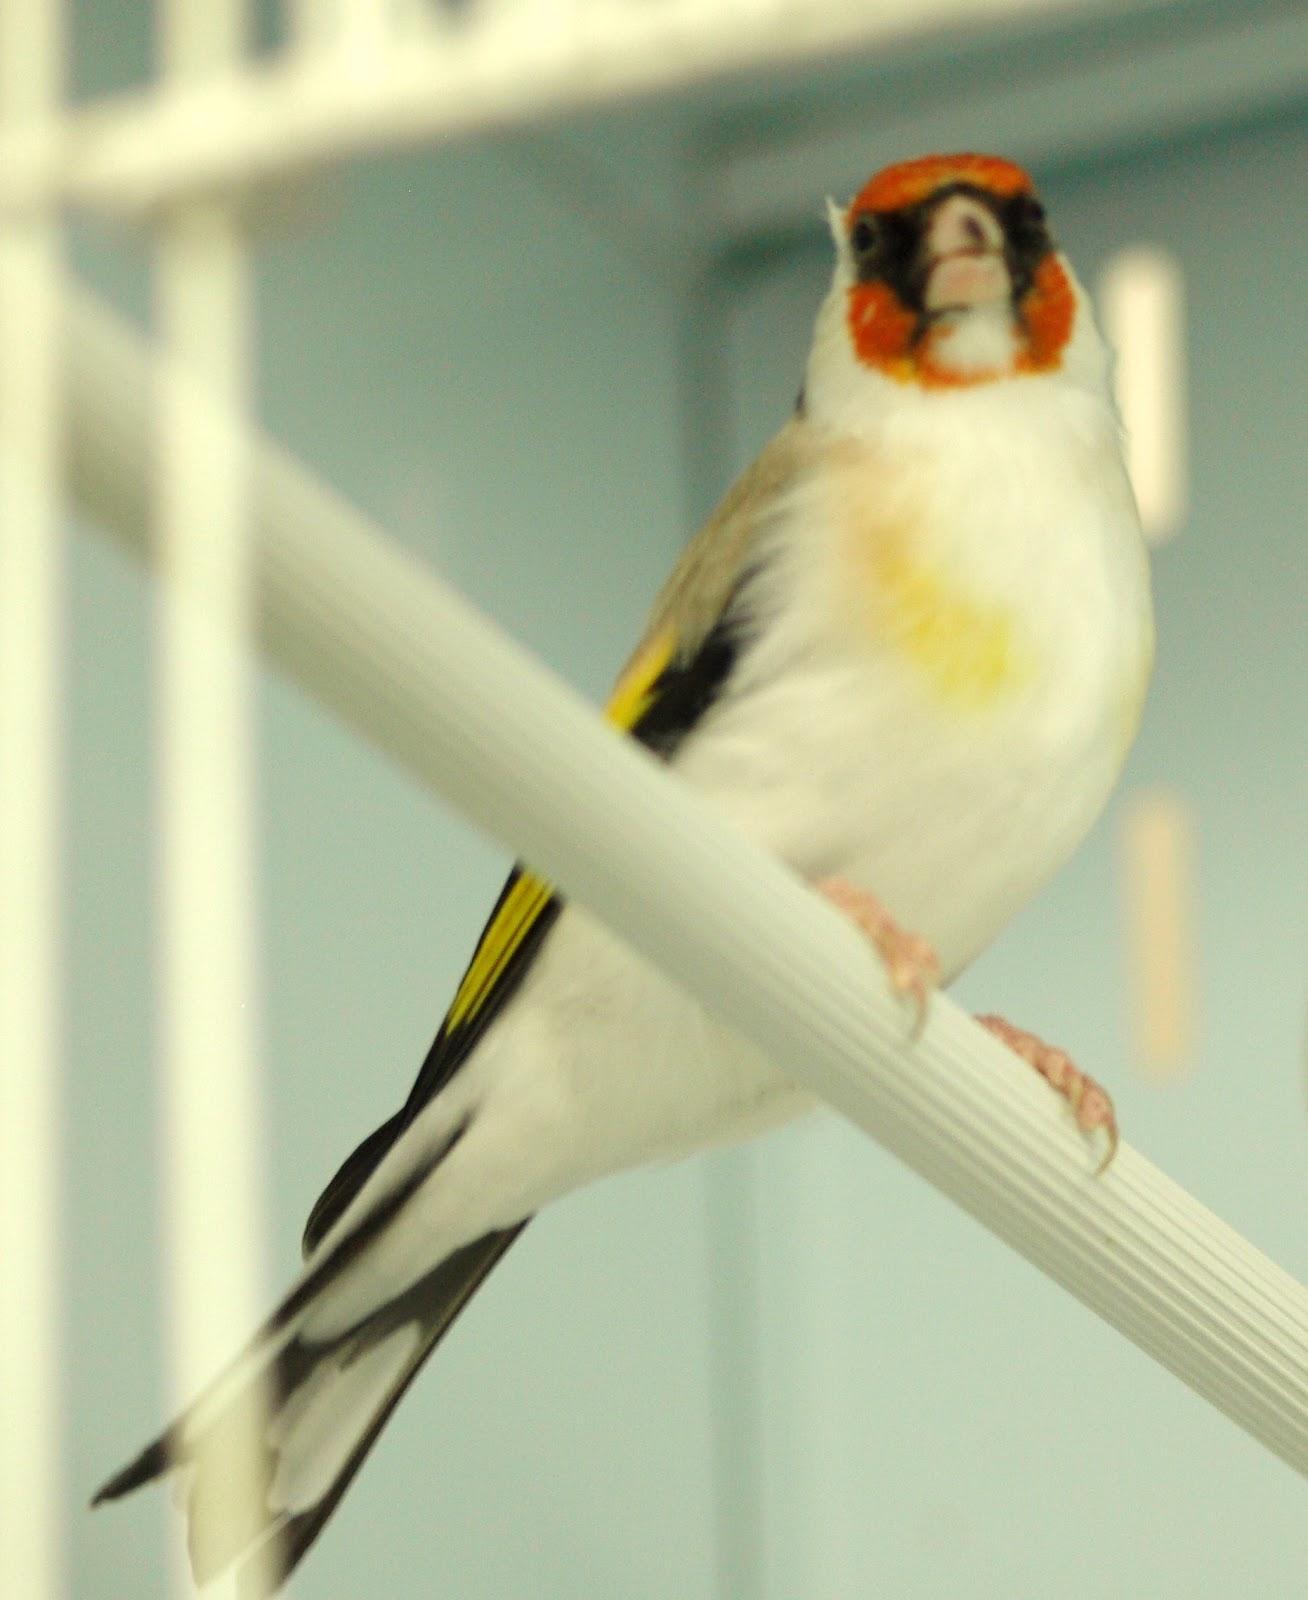 بالصور انواع الكناري , طائر الكناري بانواعه المختلفه 838 6